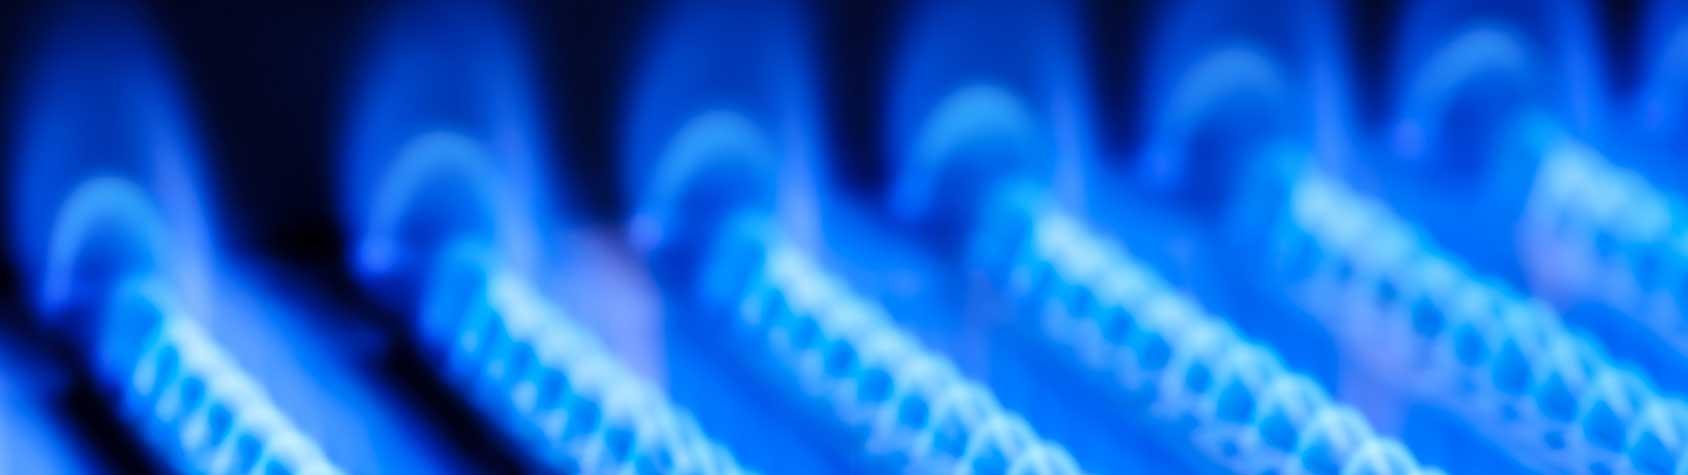 Gasbrennwerttechnik: Heizung sanieren und Förderung nutzen